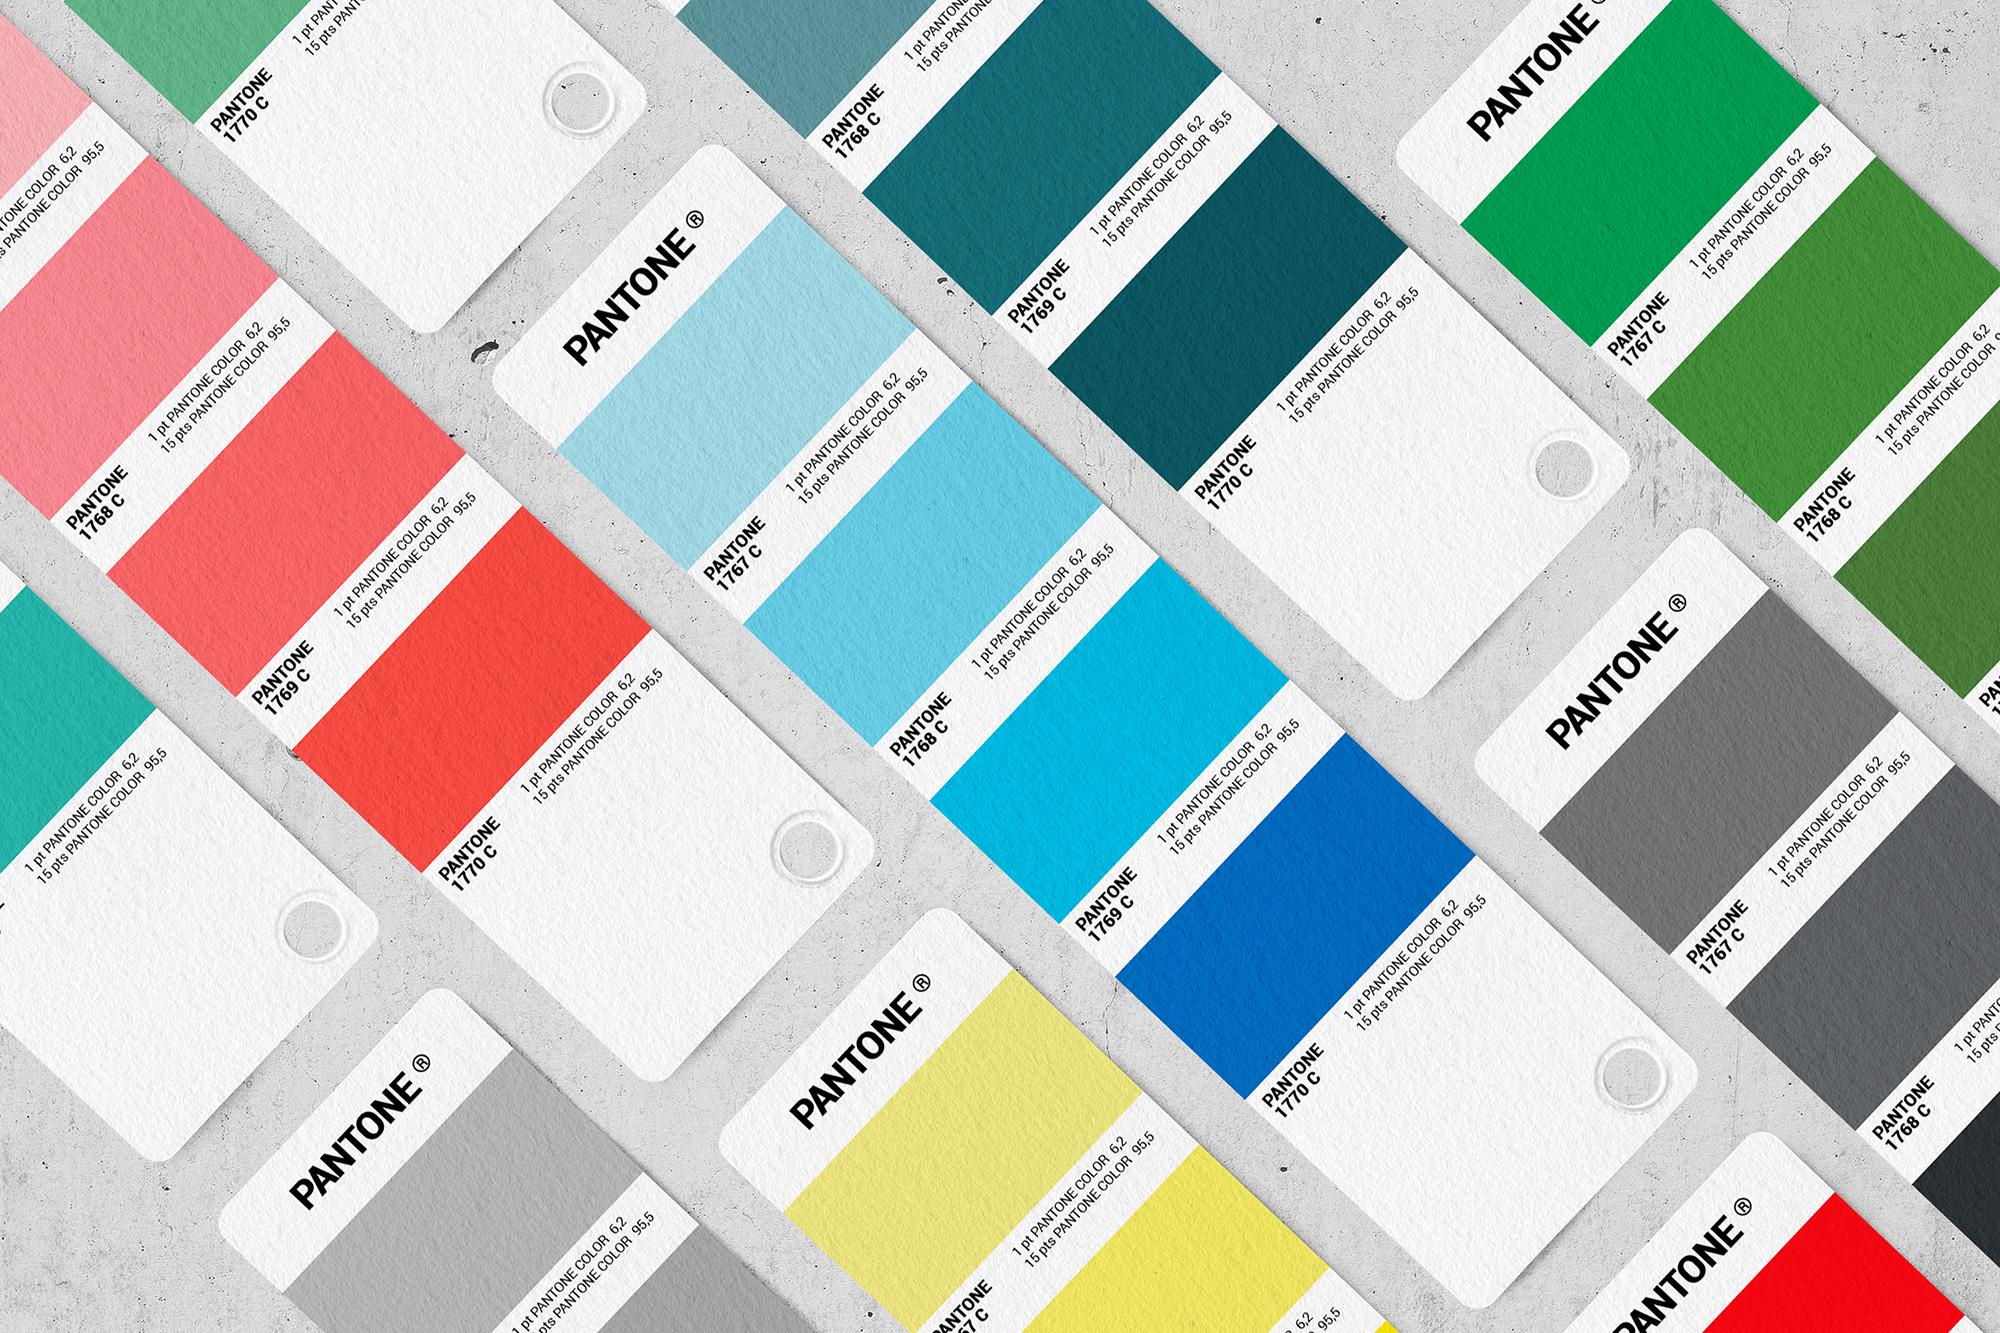 Guide des couleurs dans la conception d'une identité visuelle